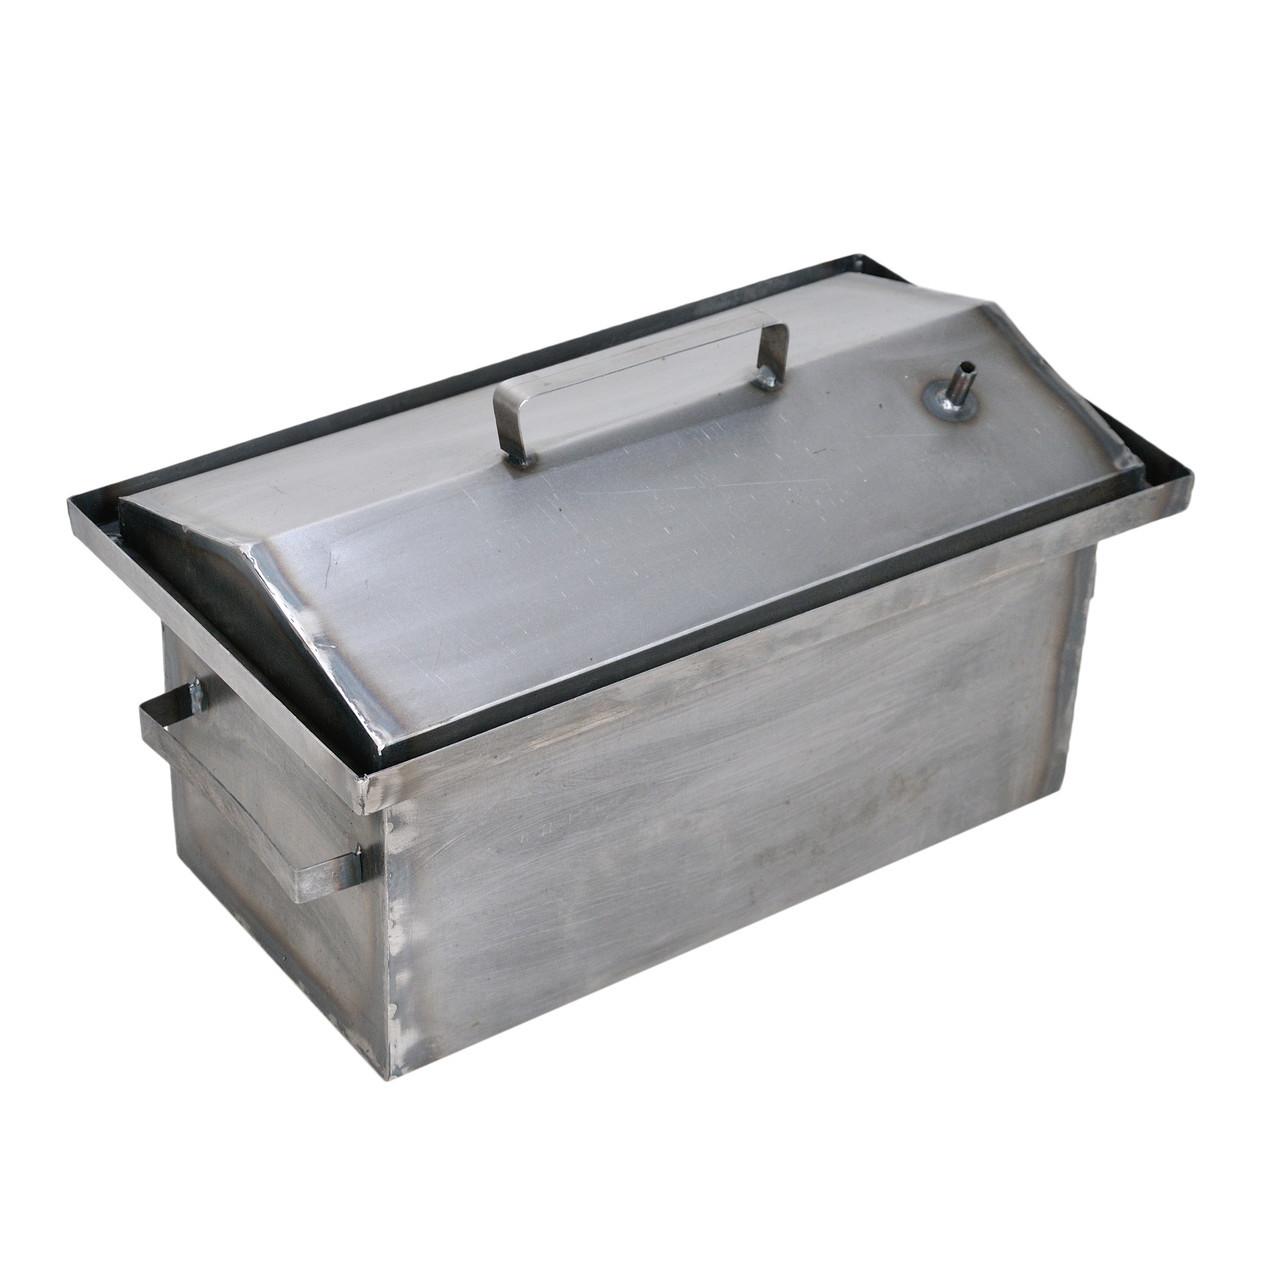 Коптильня гарячого копчення Гідрозатвор (РК-242545) (1,5 мм, 450х260х210мм)